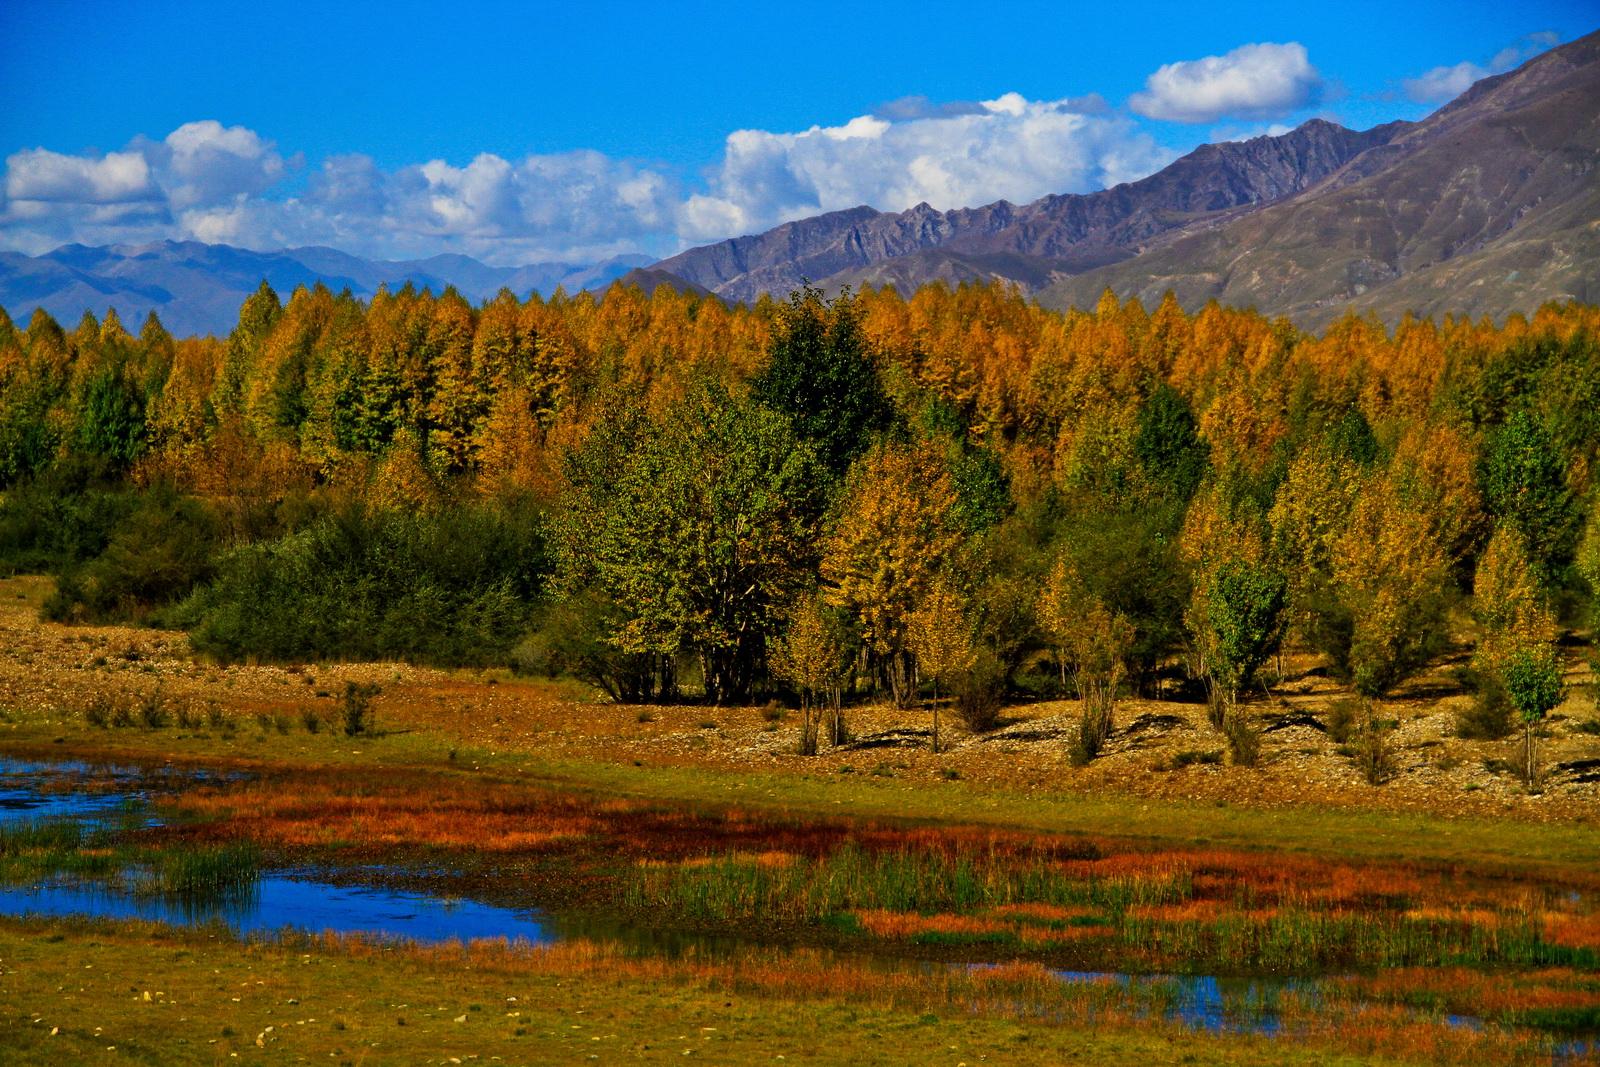 拉萨河畔秋色美